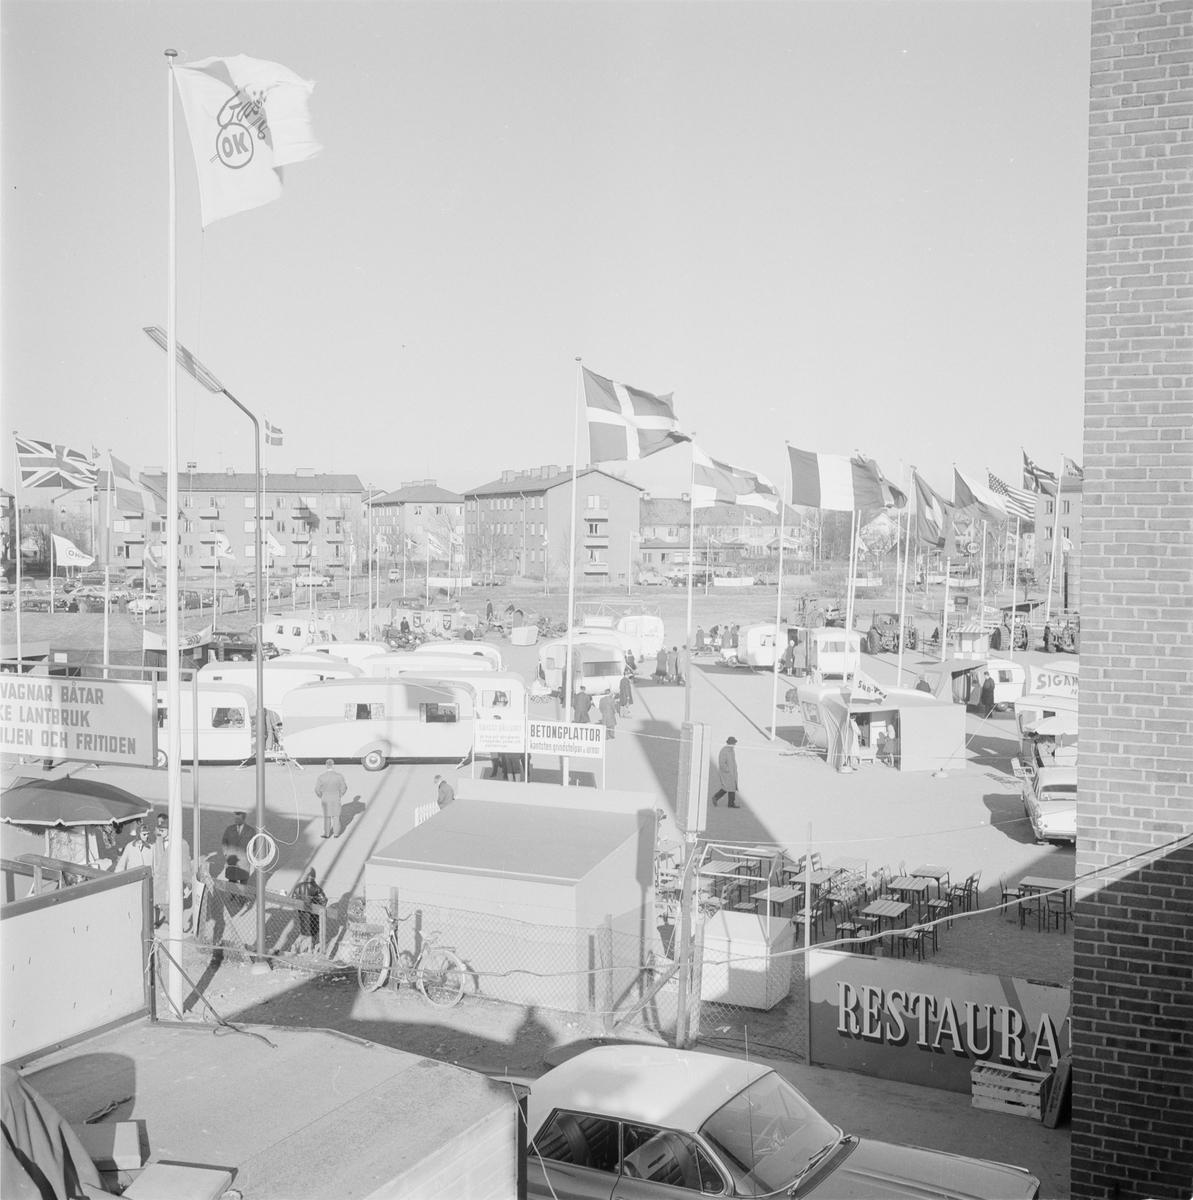 Hushållningssällskapet - Sten Sture mässan, Uppsala 1962 ...